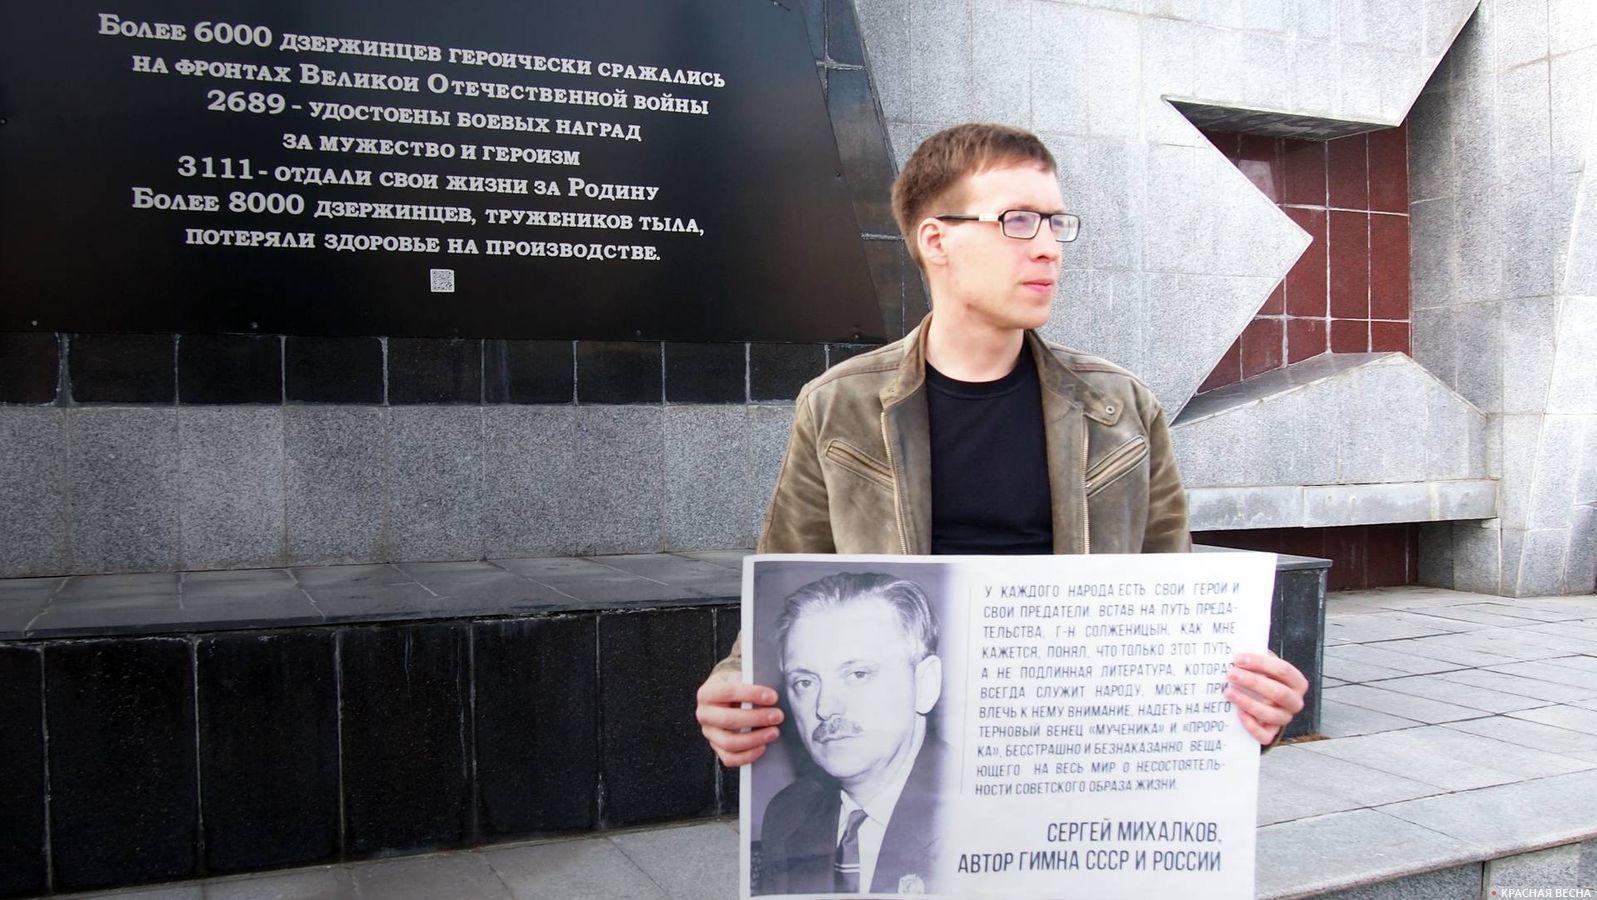 Пикет против Солженицына в Нижнем Тагиле, 28 апреля 2018 года